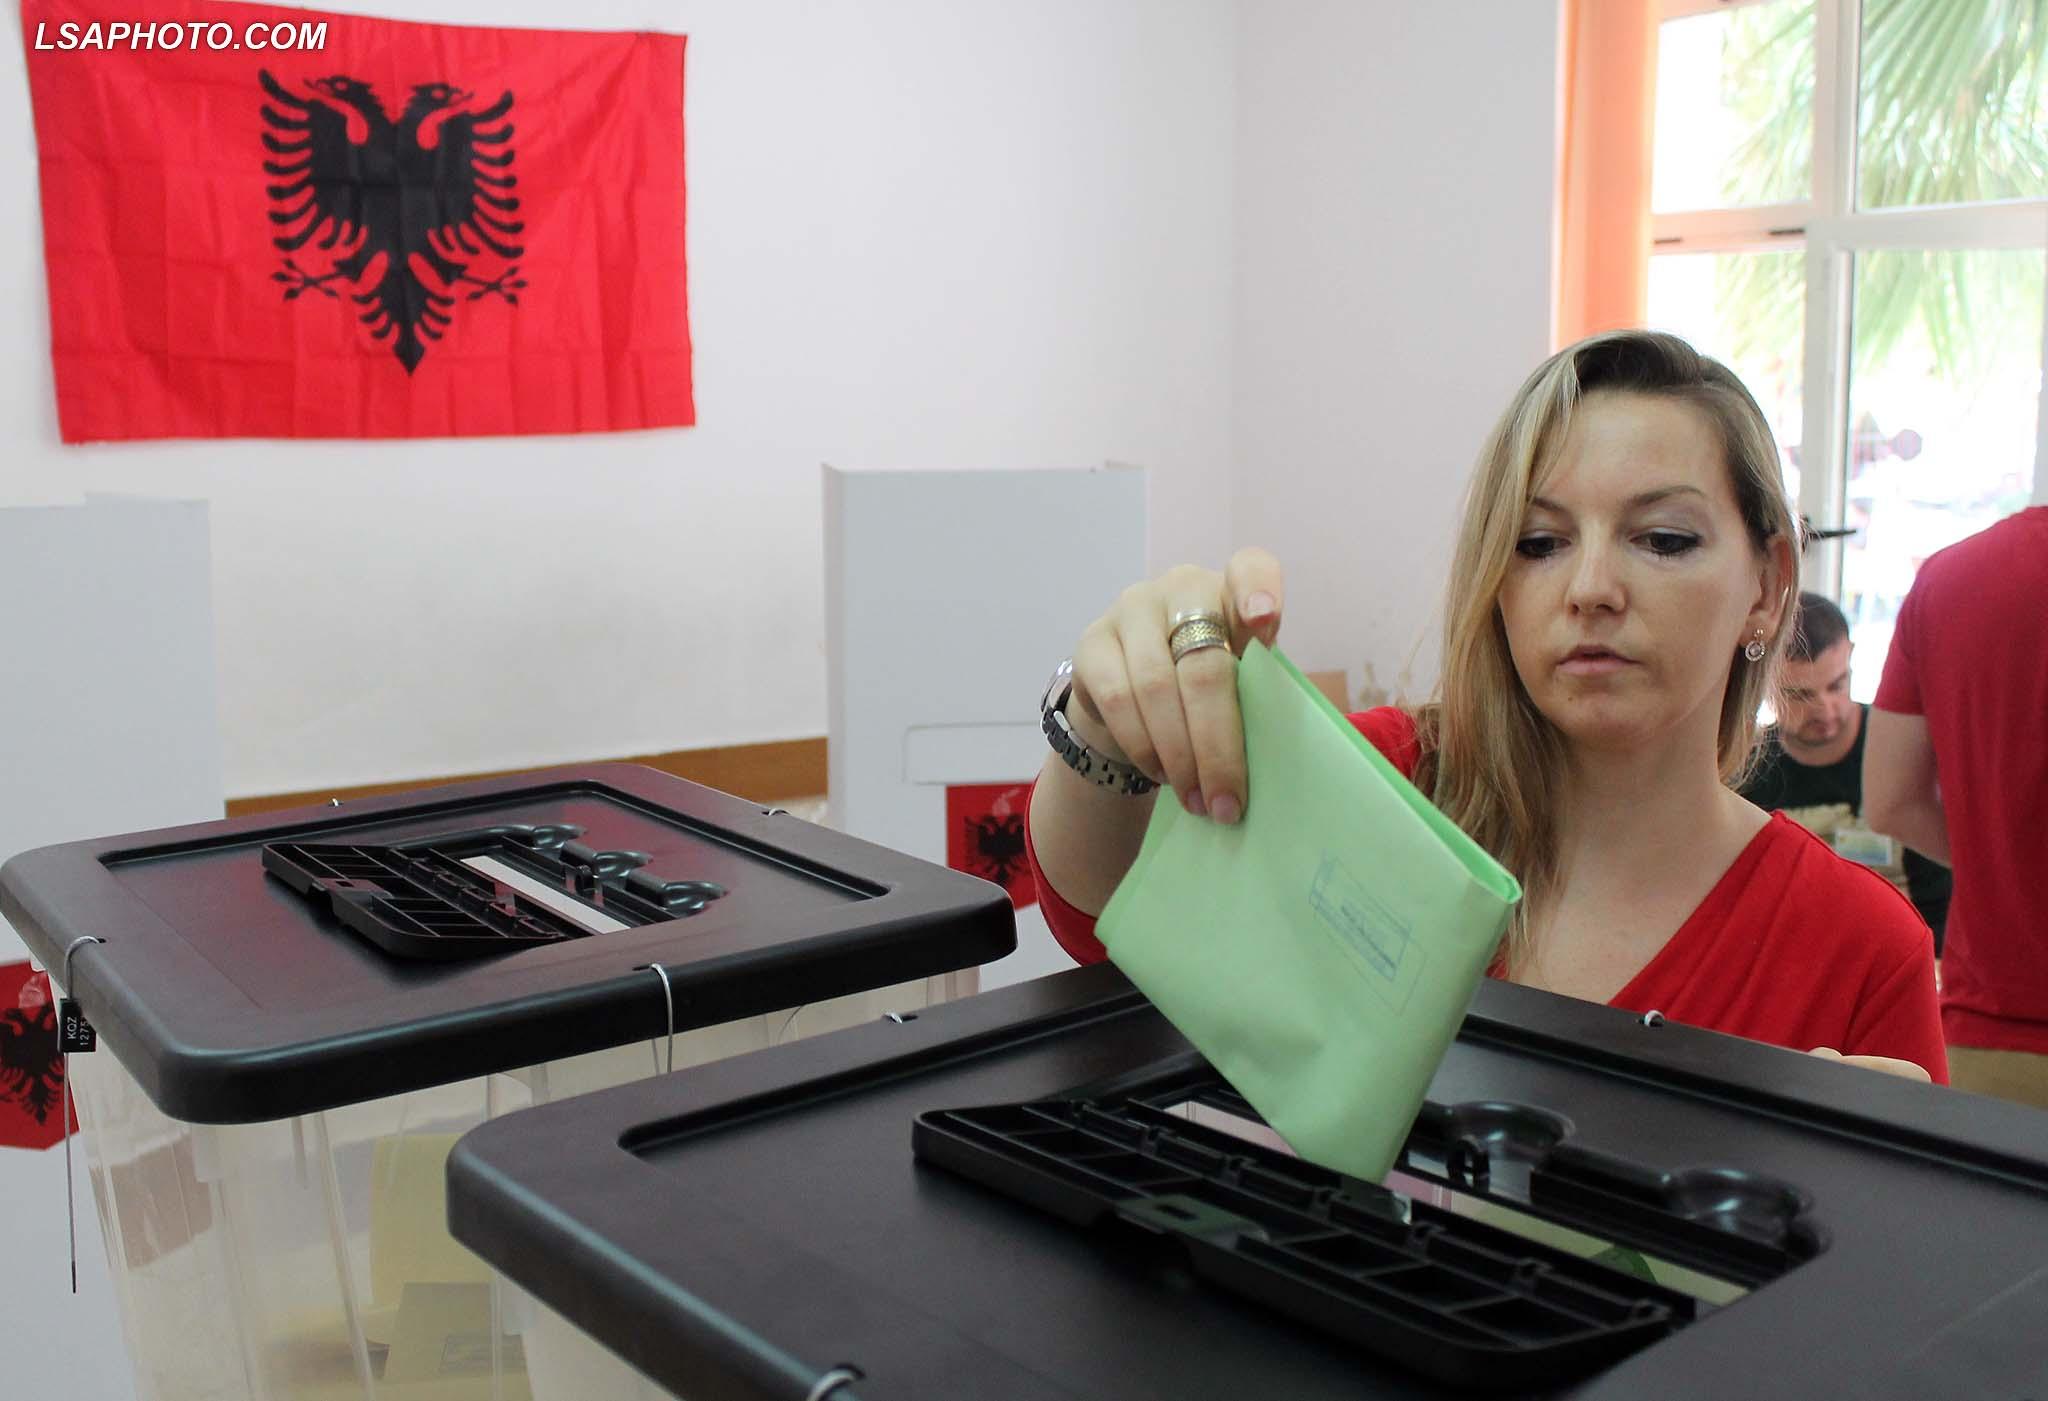 Βαθαίνει η πολιτική κρίση στην Αλβανία μετά την απόρριψη του προεδρικού διατάγματος από το Εκλογικό Κολλέγιο